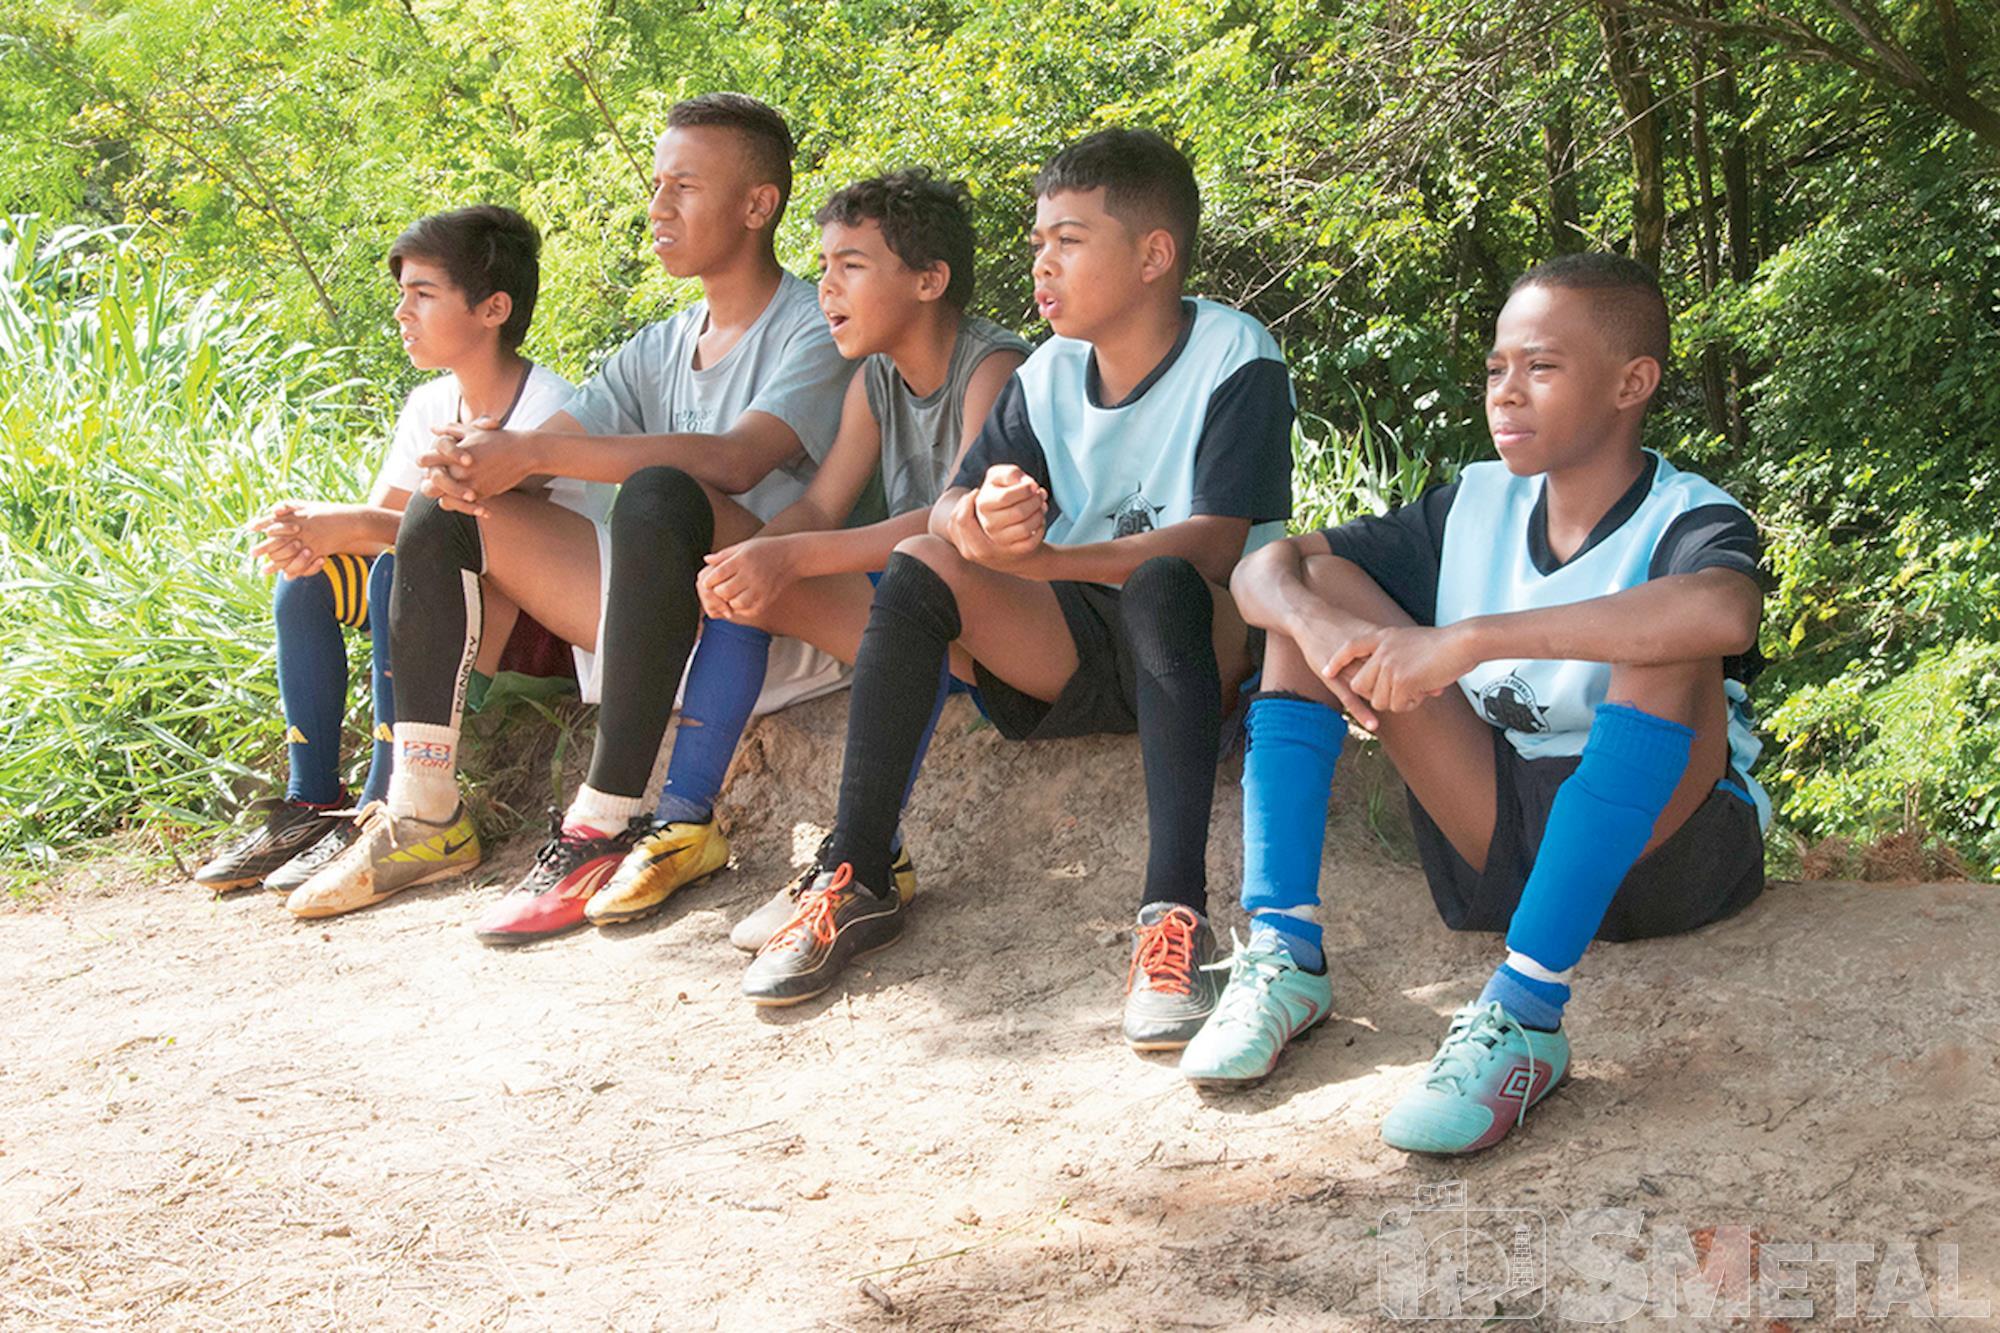 Meninos esperam a vez de entrar em campo durante treinamento na Casa Verde,  no bairro Aparecidinha, Futebol de base: O futuro quer ser visto agora